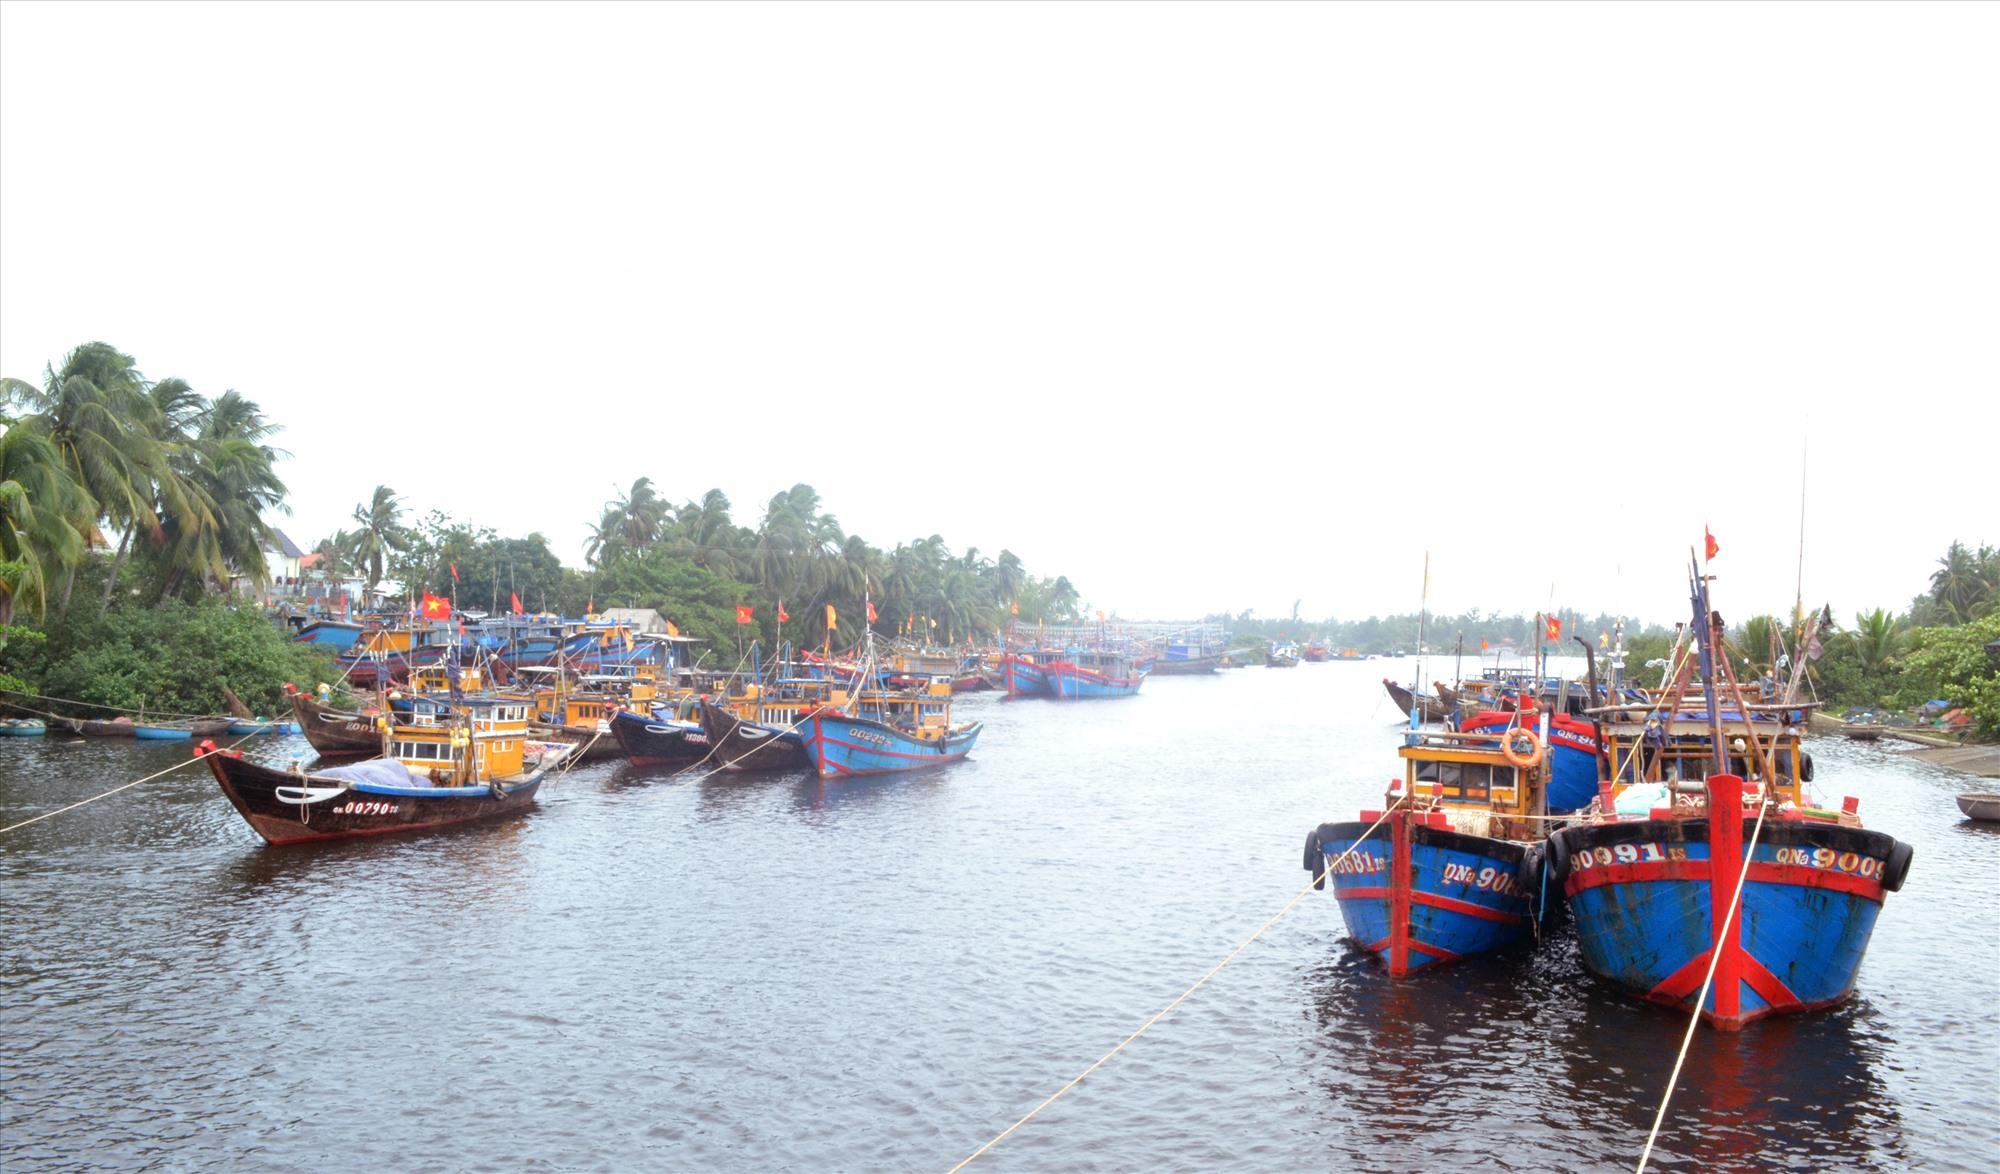 Ngư dân neo đậu tàu cá dọc sông Trường Giang, không đảm bảo an toàn trong mùa mưa bão. Ảnh: VIỆT NGUYỄN